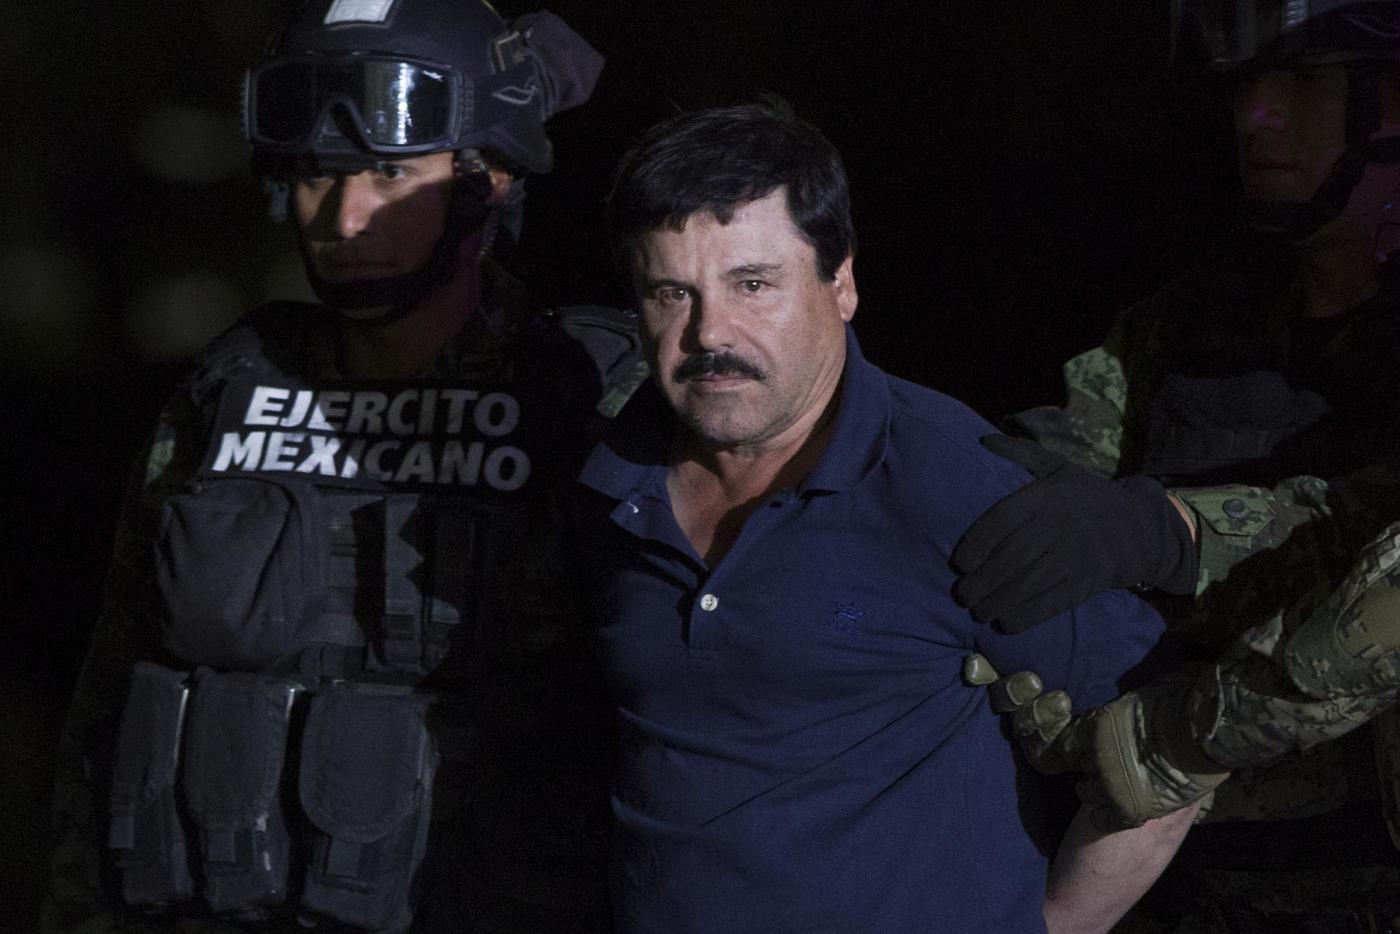 Chi è El Chapo Guzmán e perché è stato estradato negli Stati Uniti dopo l'arresto